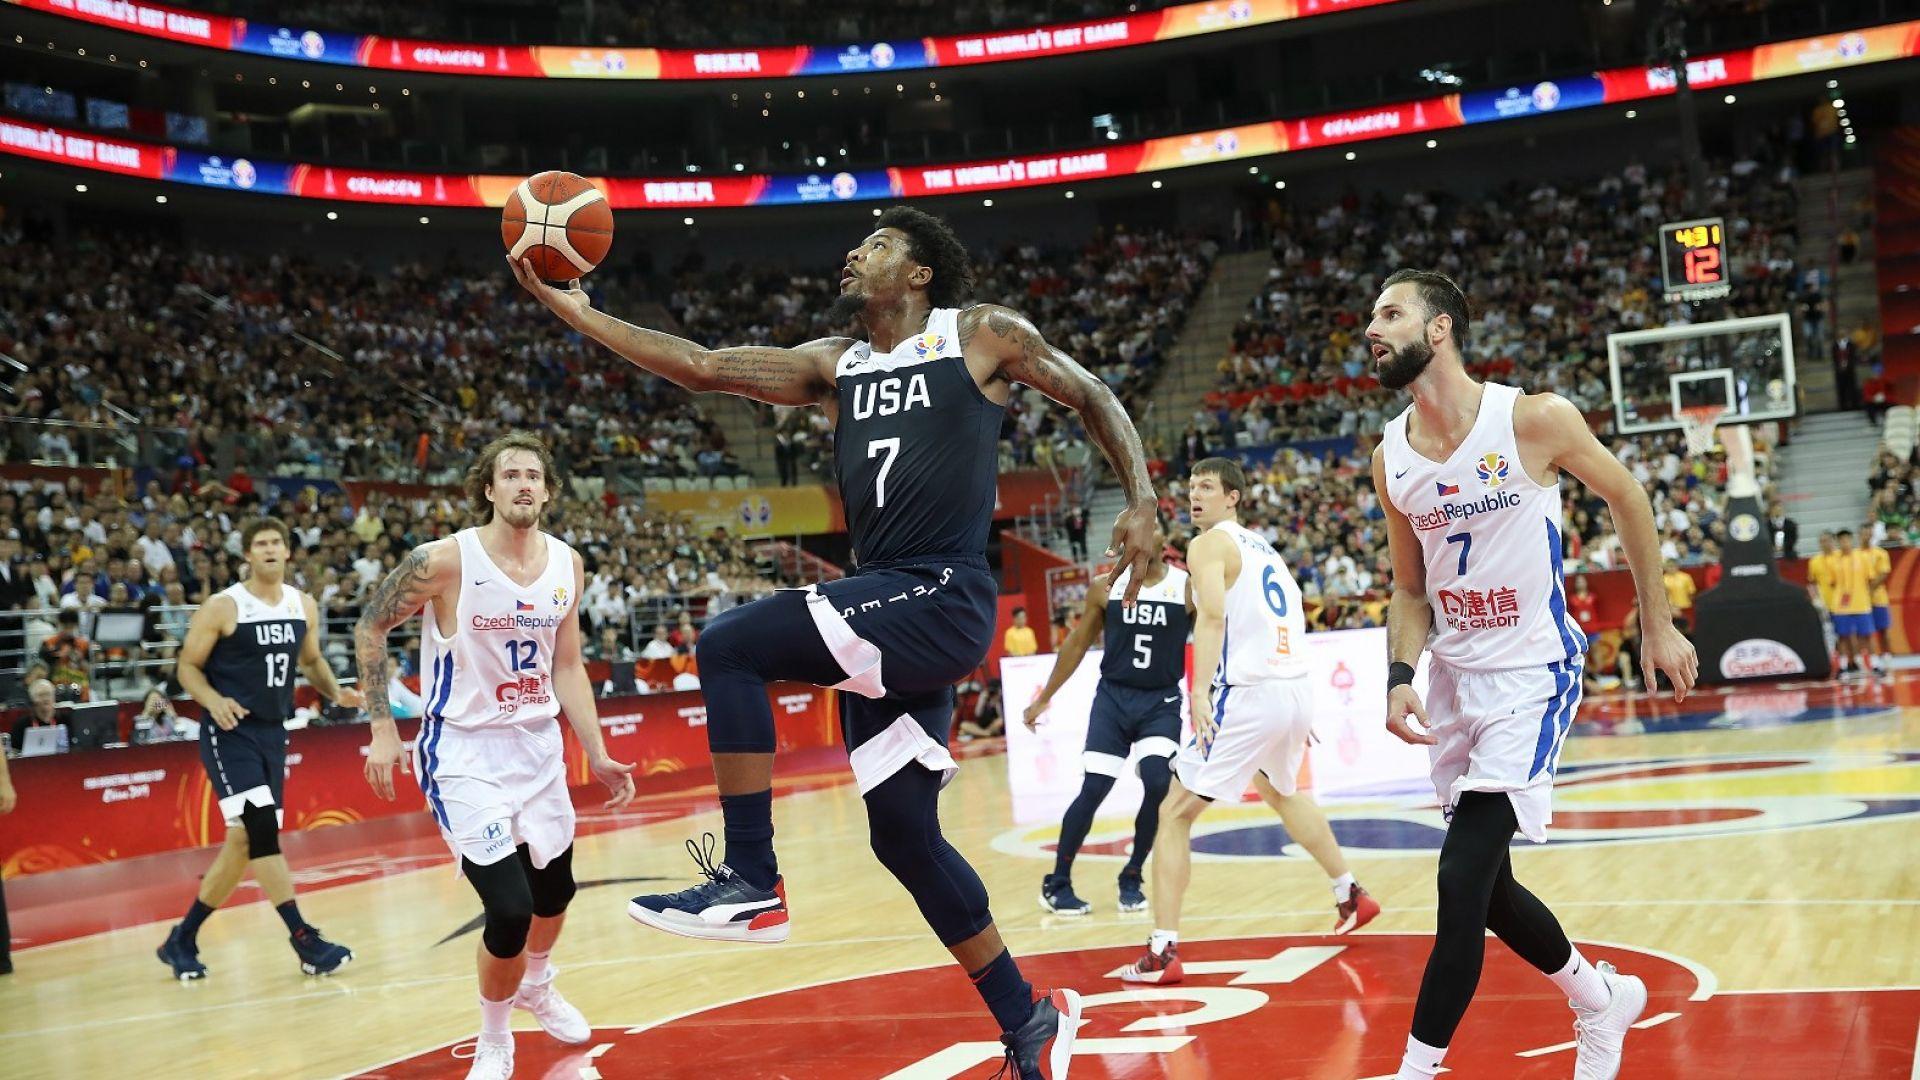 Звездите от НБА с комфортна победа на старта на Световното